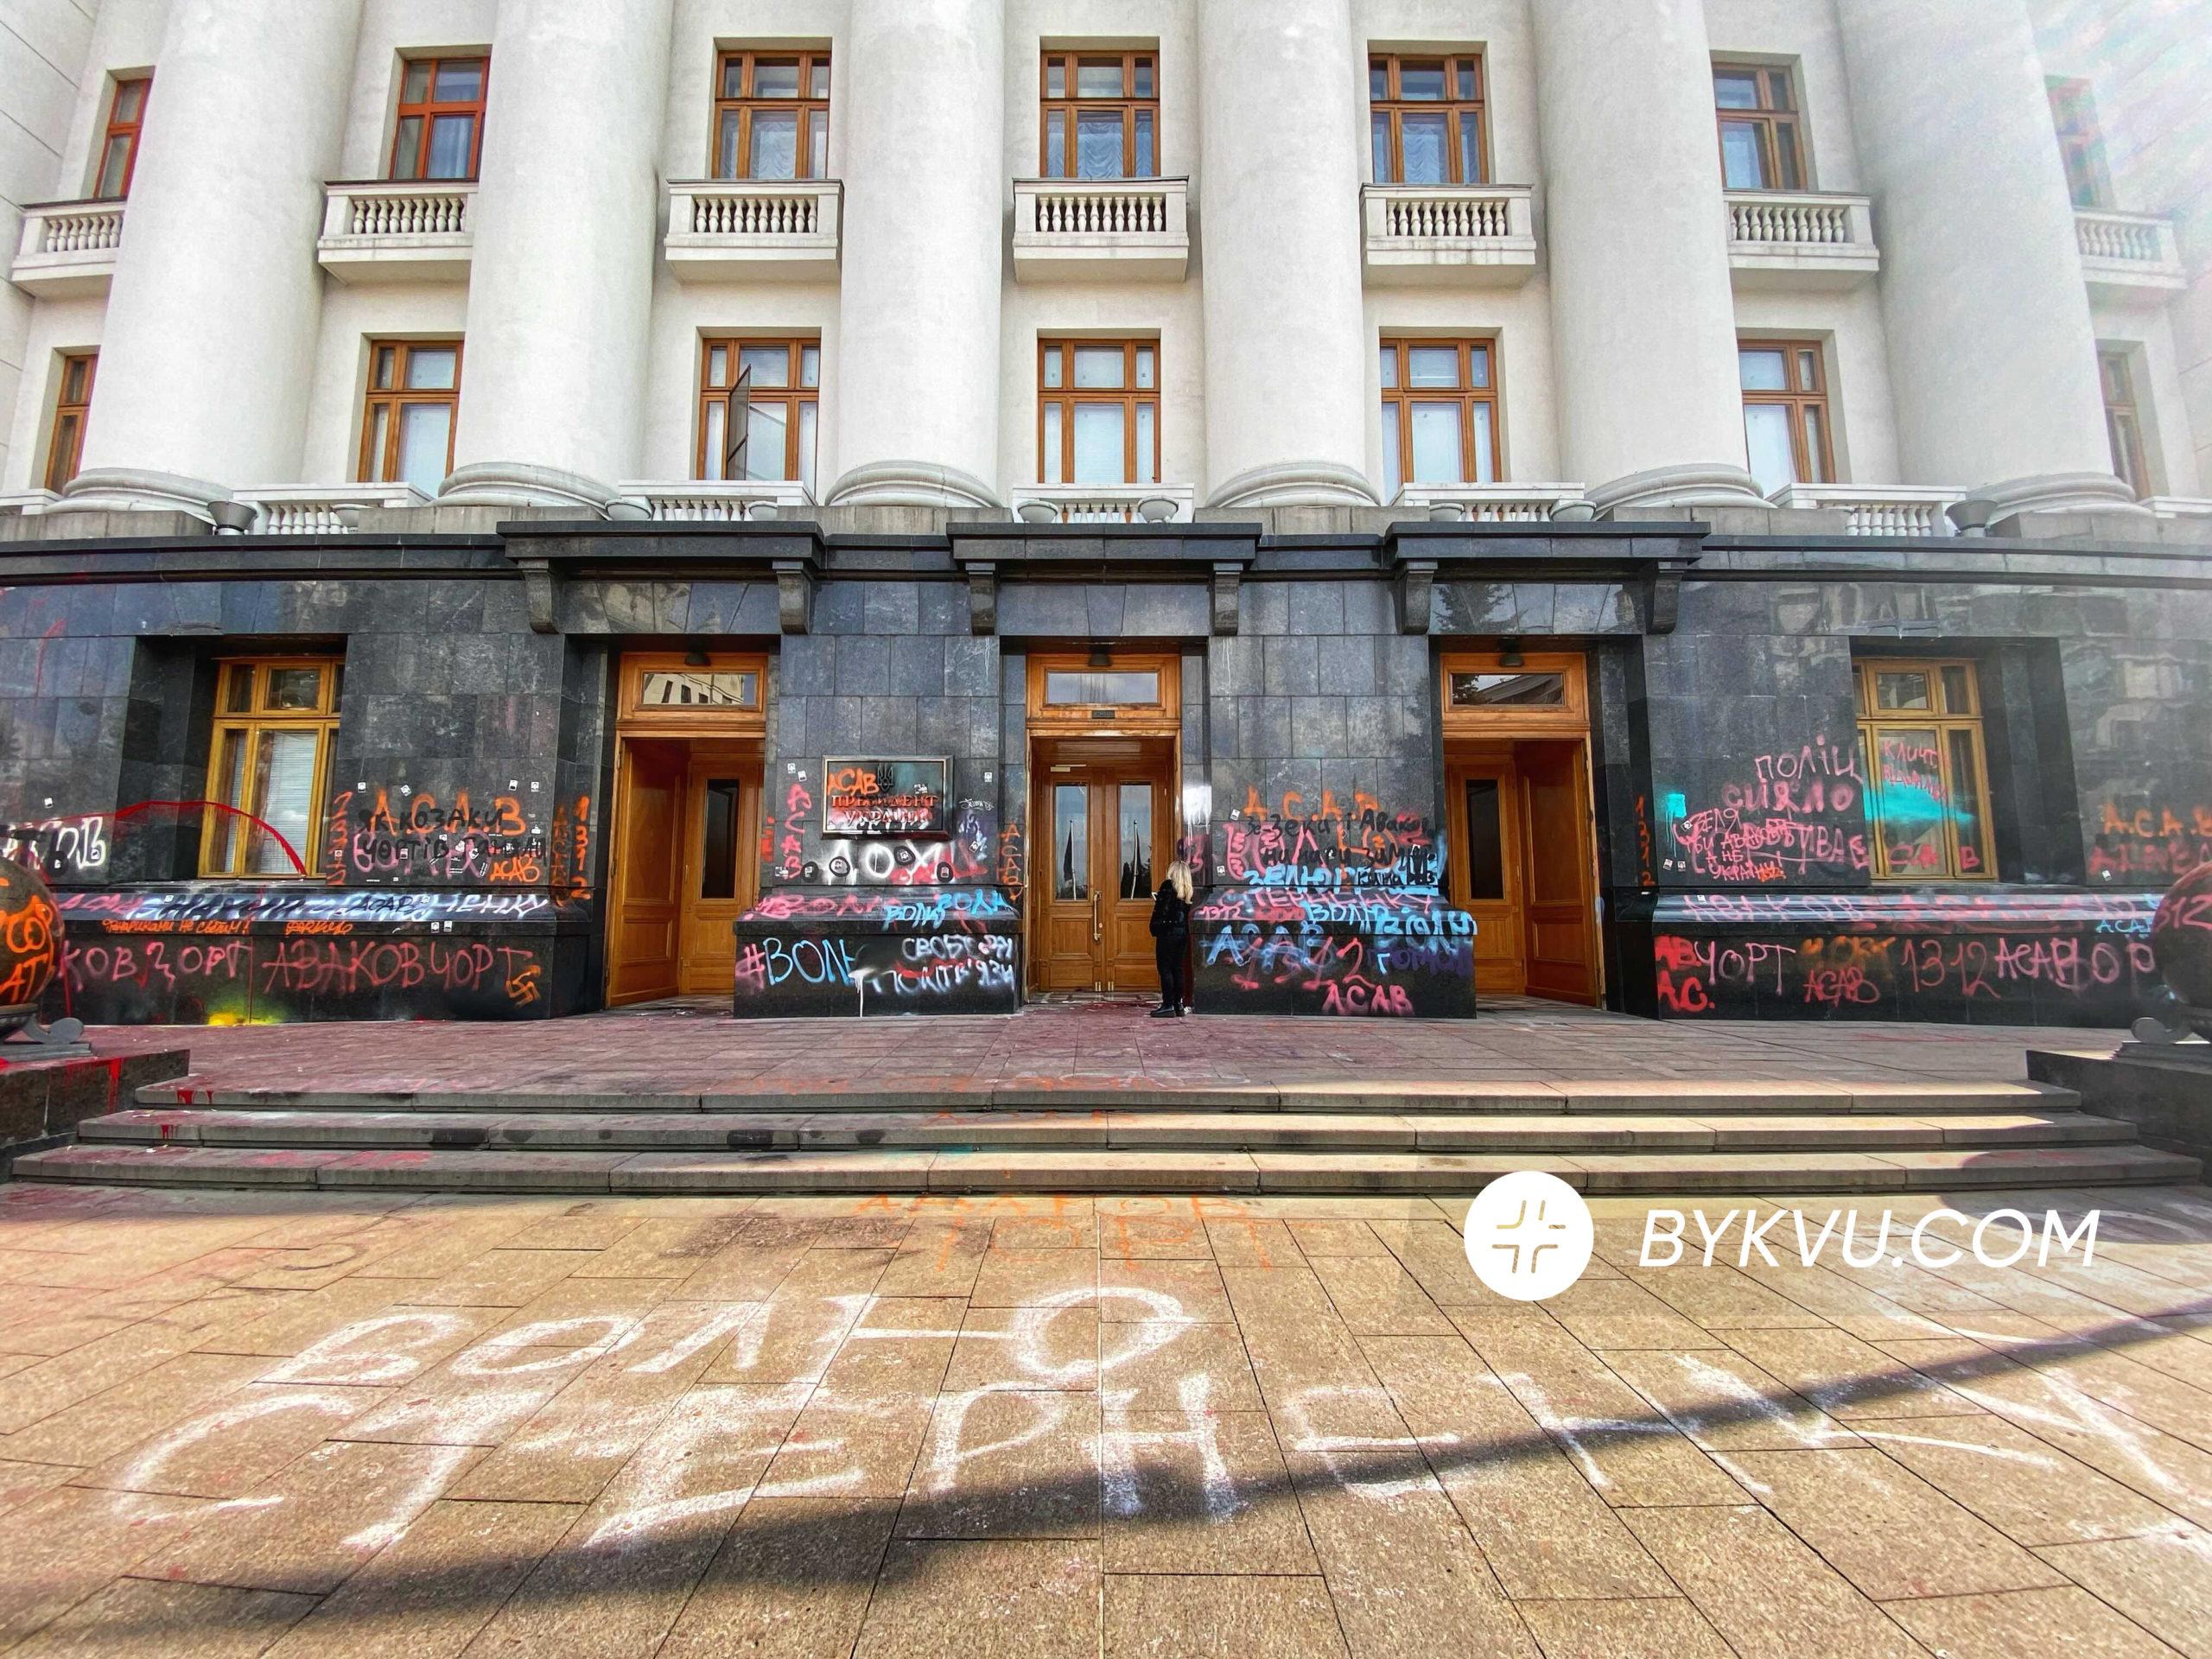 опу_погром_стерненко_графіті